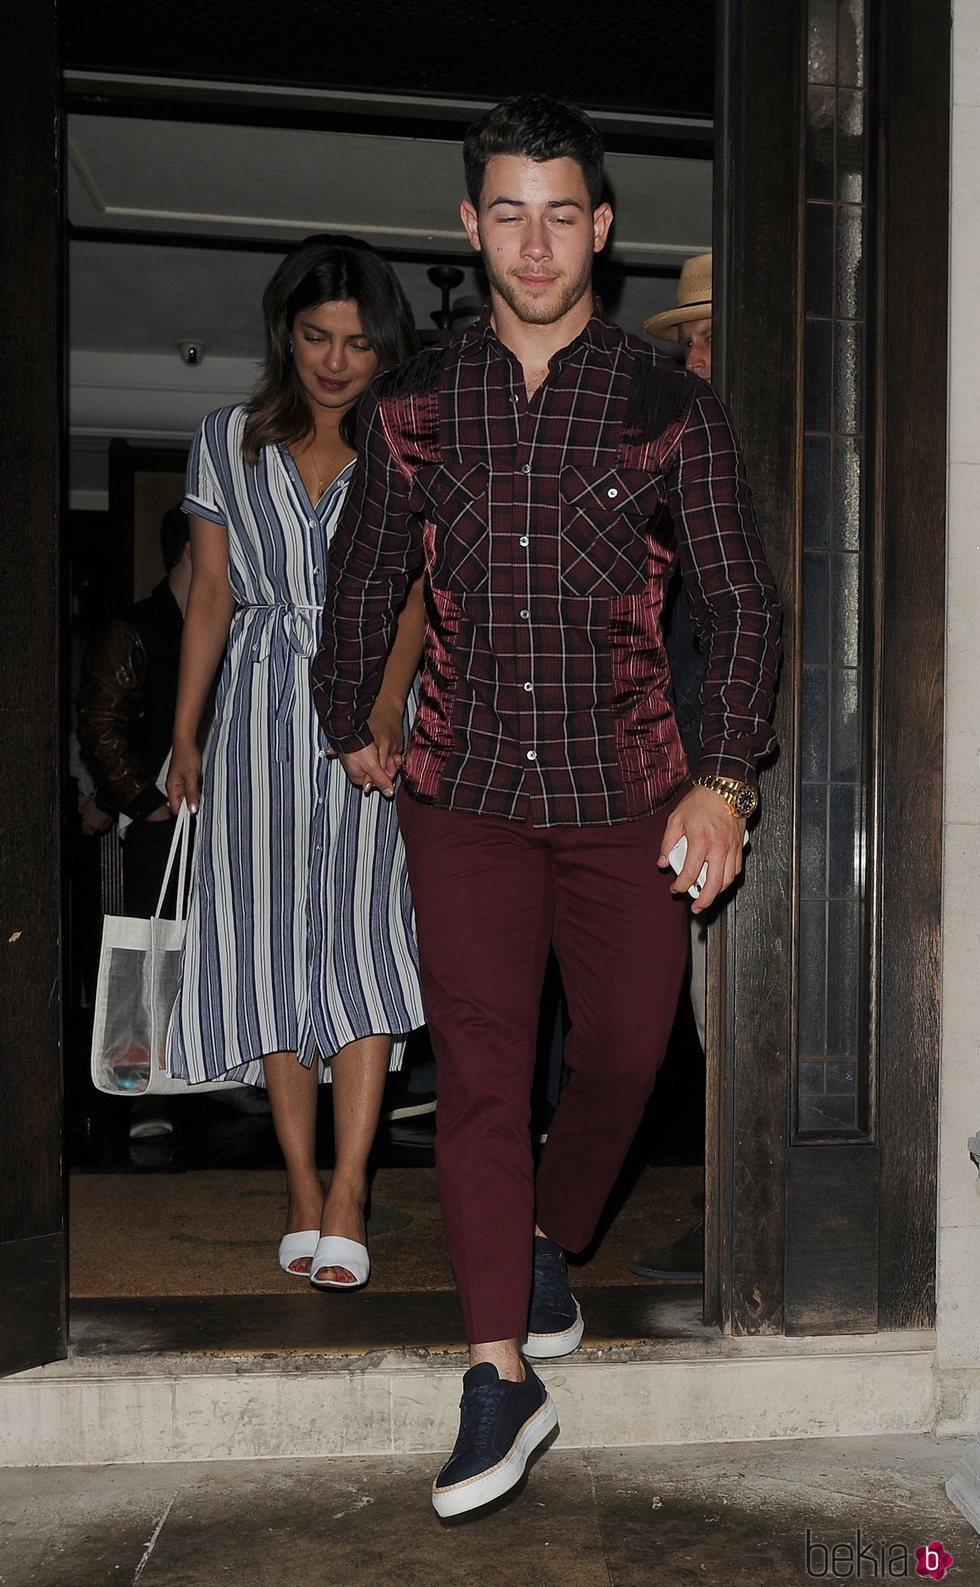 Priyanka Chopra y Nick Jonas saliendo de celebrar el cumpleaños de Chopra en Londres